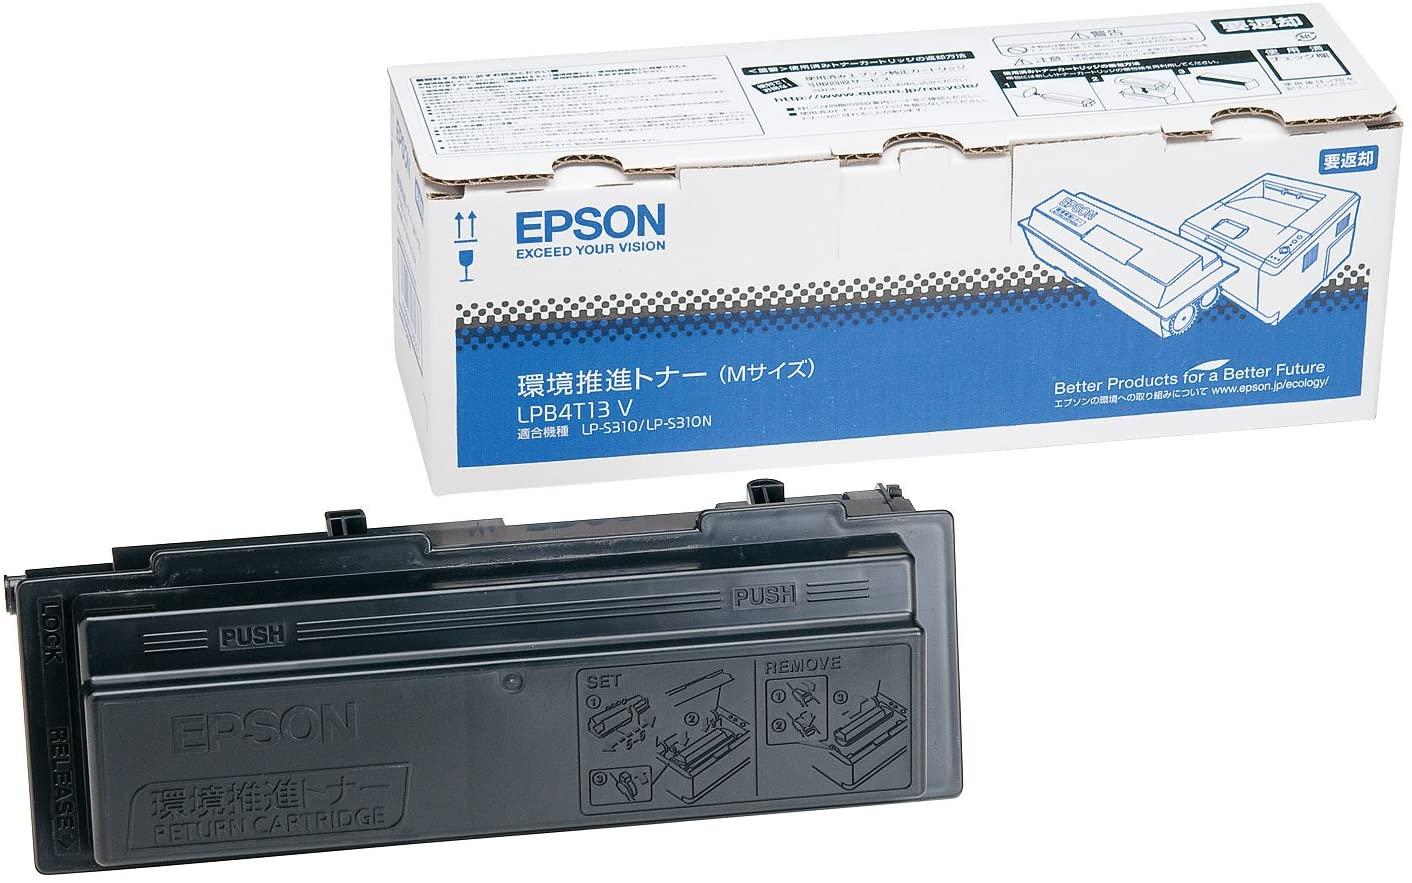 エプソン 純正 エプソン 環境推進トナー Mサイズ/ブラック LPB4T13V(送料無料)